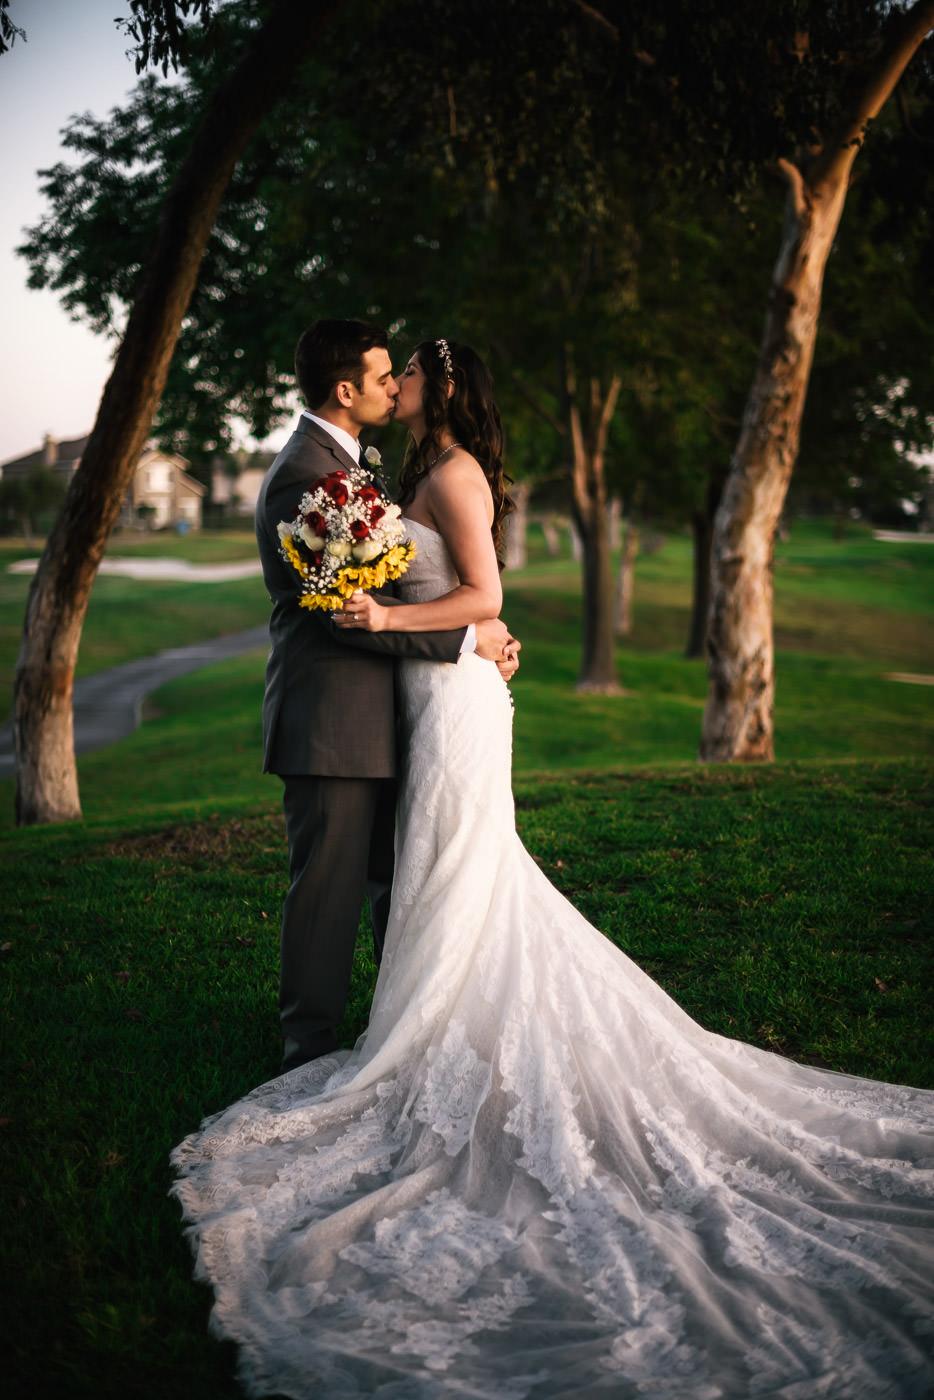 Romantic wedding at Alta Vista Country club in Placentia California.